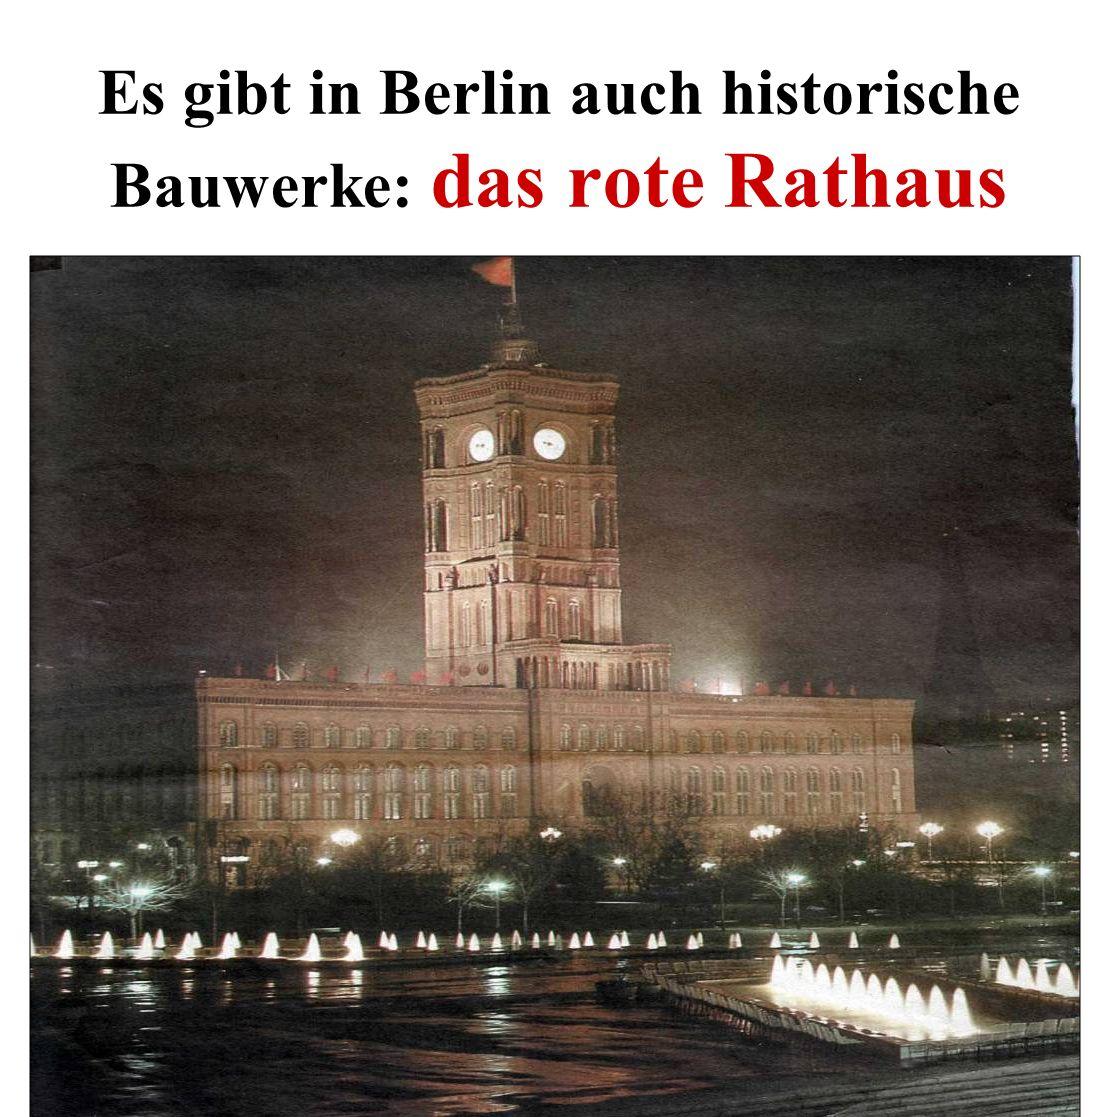 Es gibt in Berlin auch historische Bauwerke: das rote Rathaus